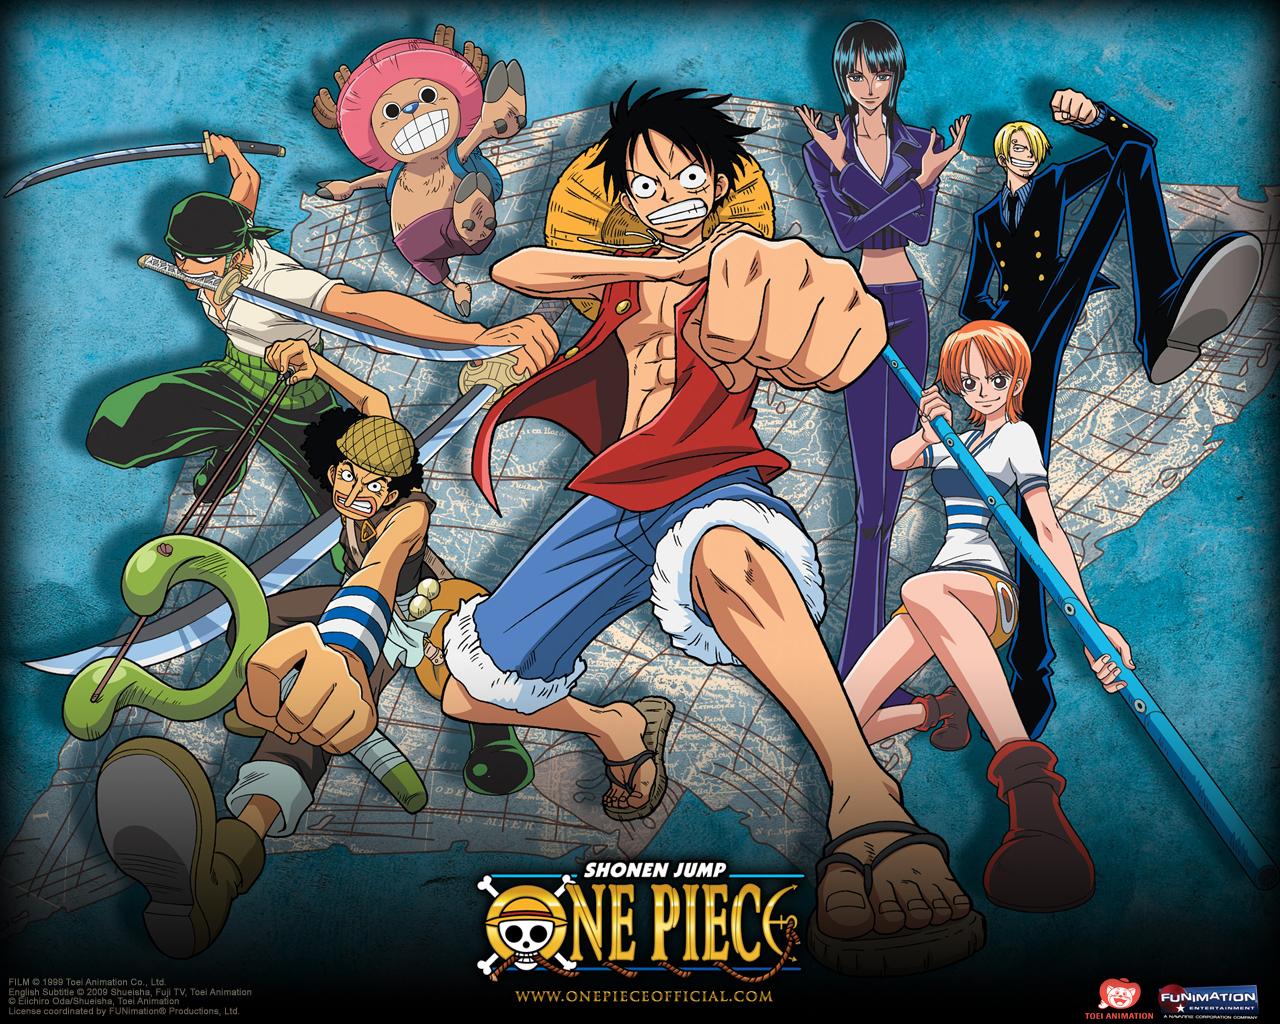 http://1.bp.blogspot.com/-PkpQcZwC974/T-VK53SzQrI/AAAAAAAAAk0/0fpUMT28IIo/s1600/3588-anime_one_piece_wallpaper.jpg